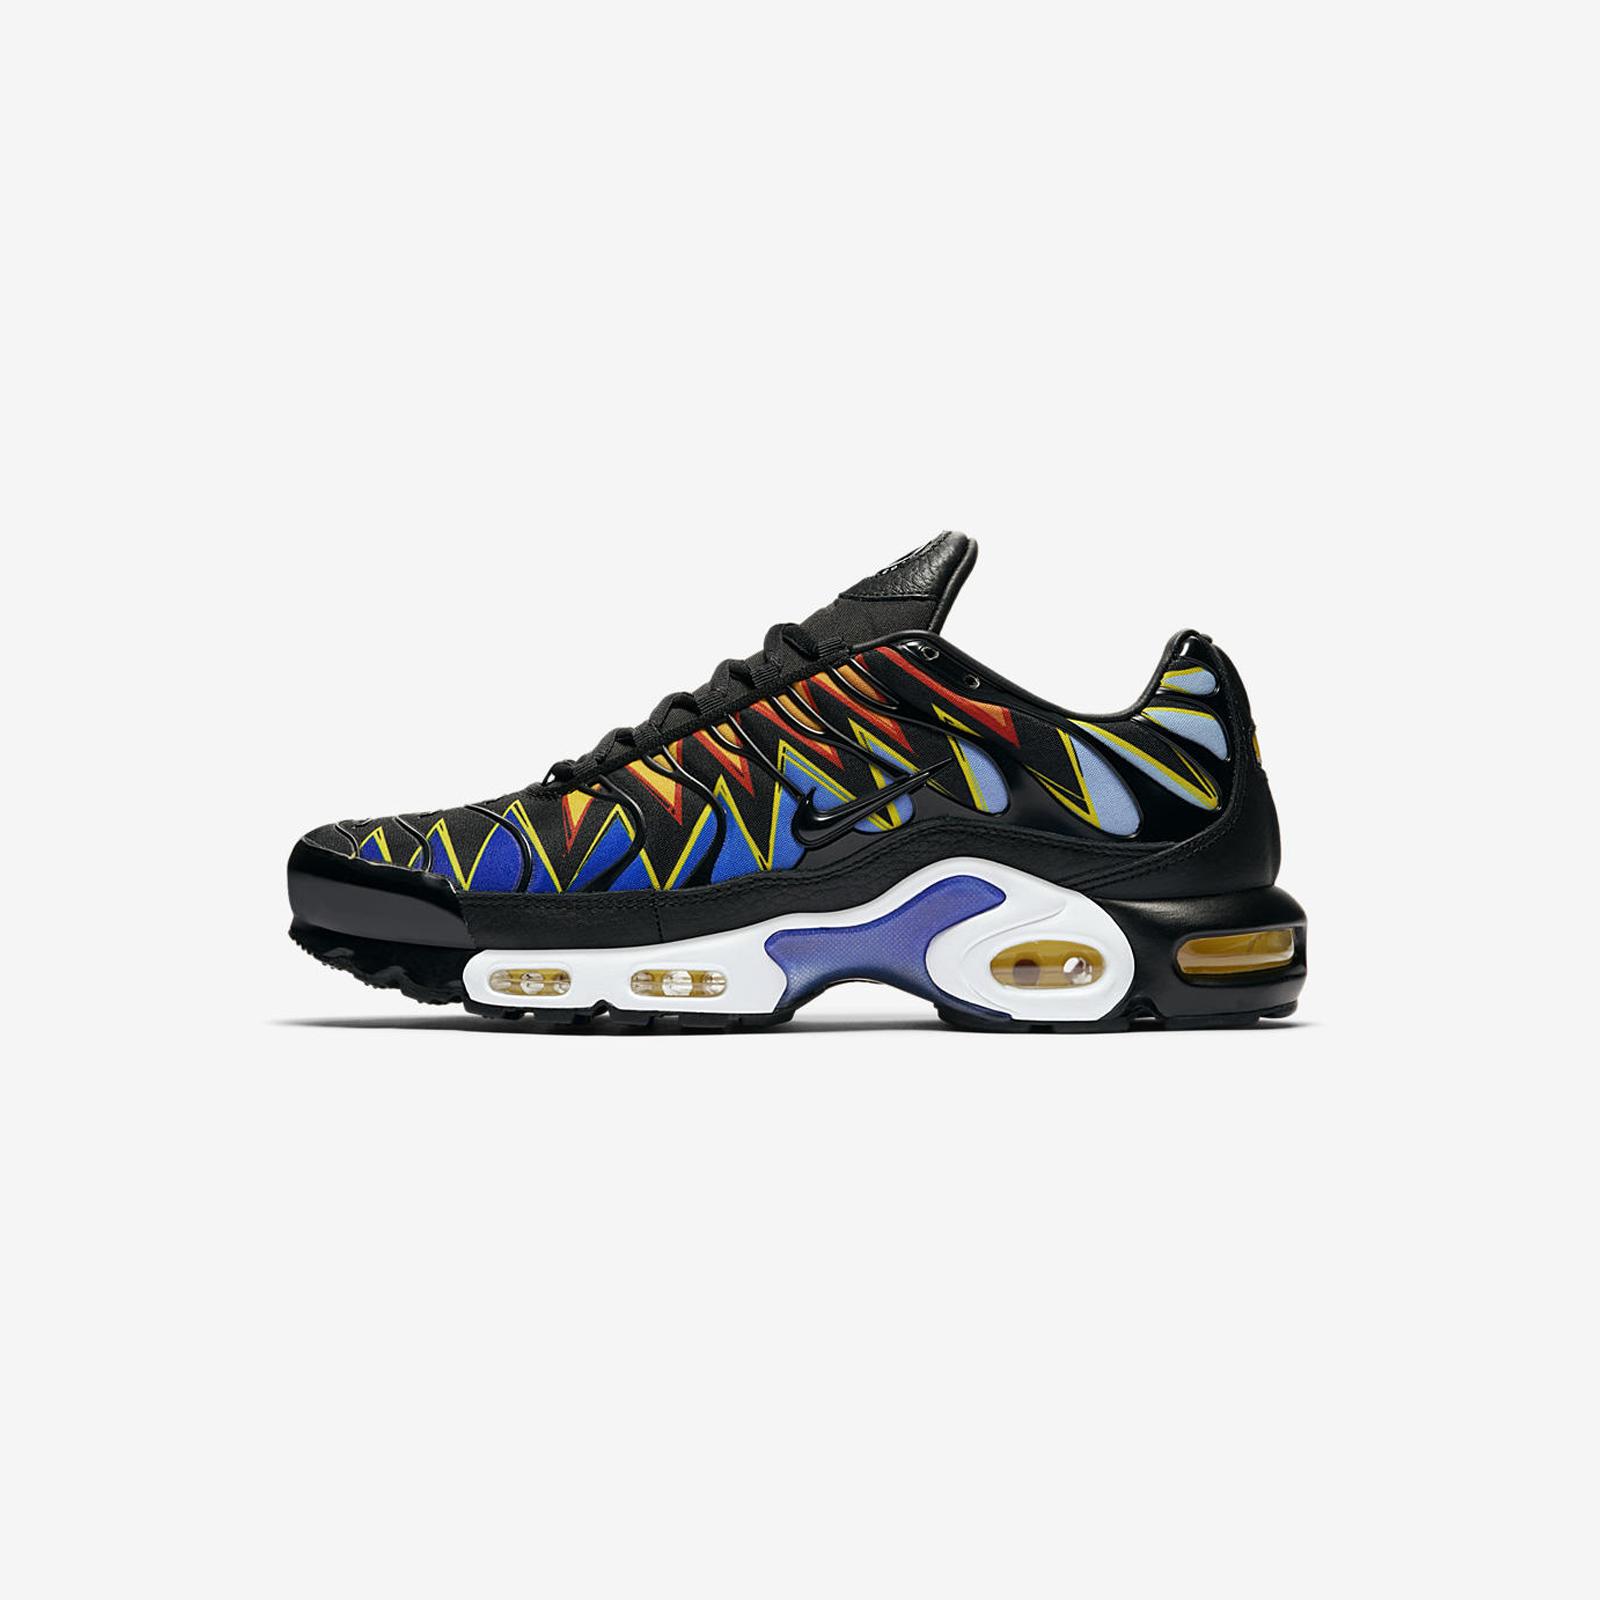 meilleur site web a5692 00677 Nike Air Max Plus - Aj6301-400 - Sneakersnstuff | sneakers ...